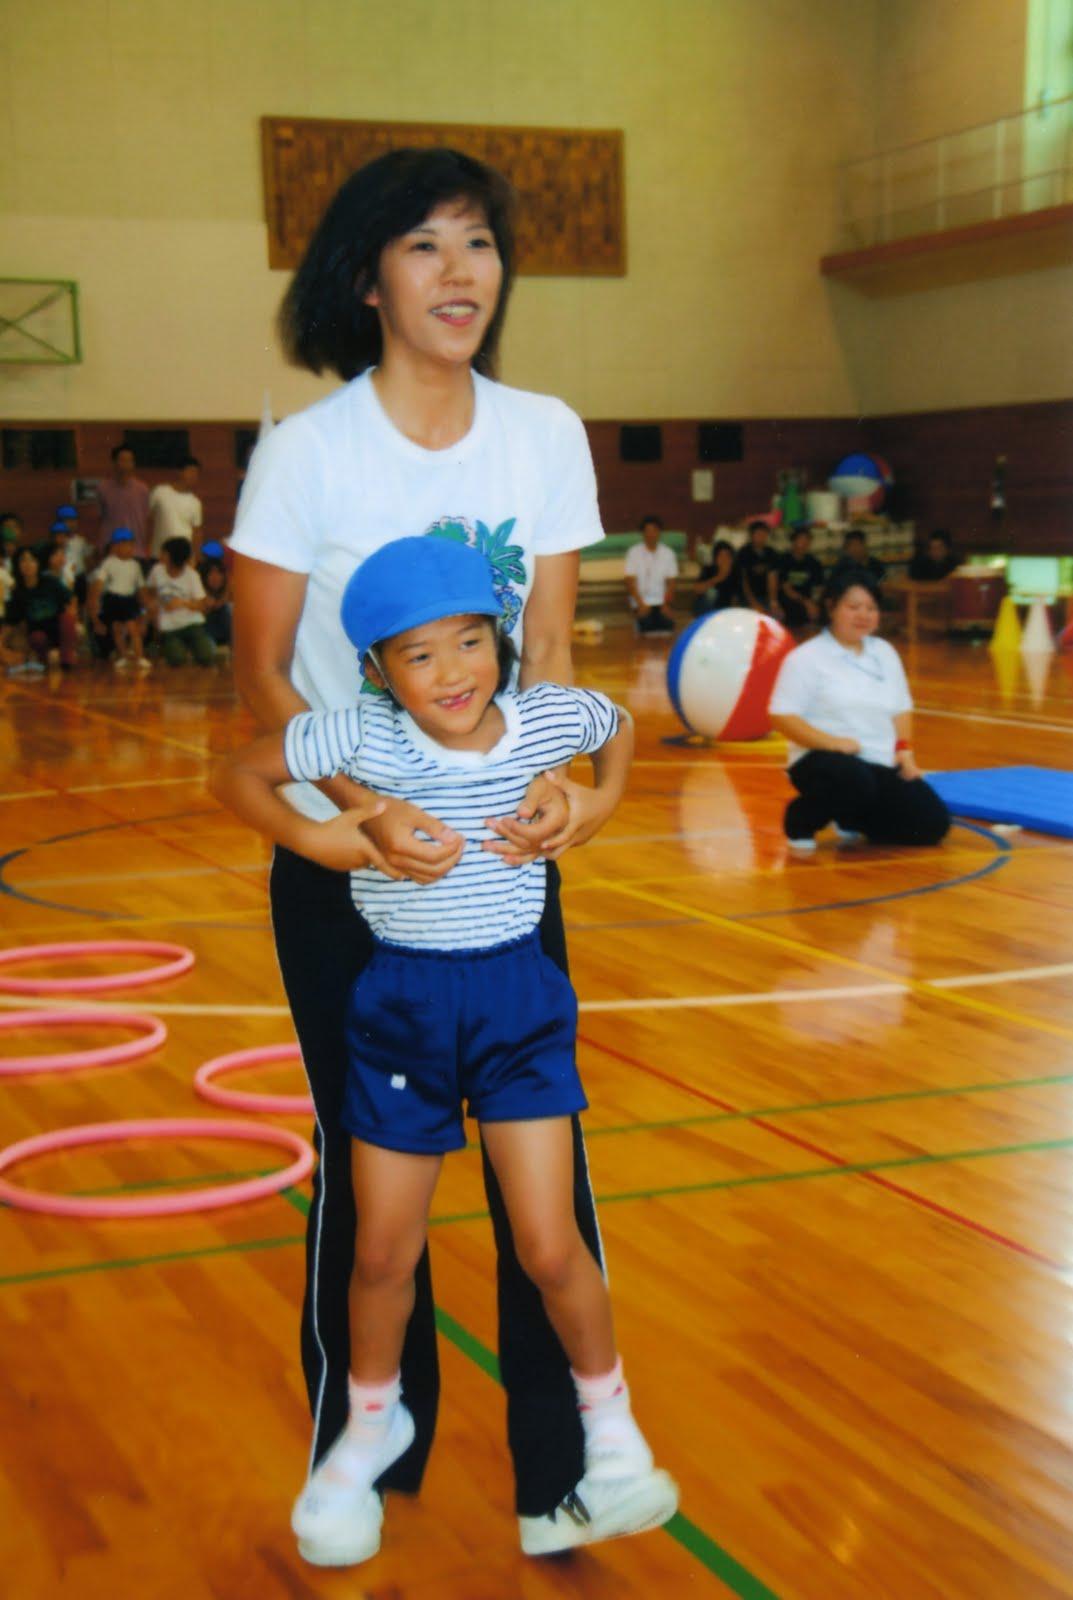 スポーツ児童館 けやきクラブ: 指導員紹介